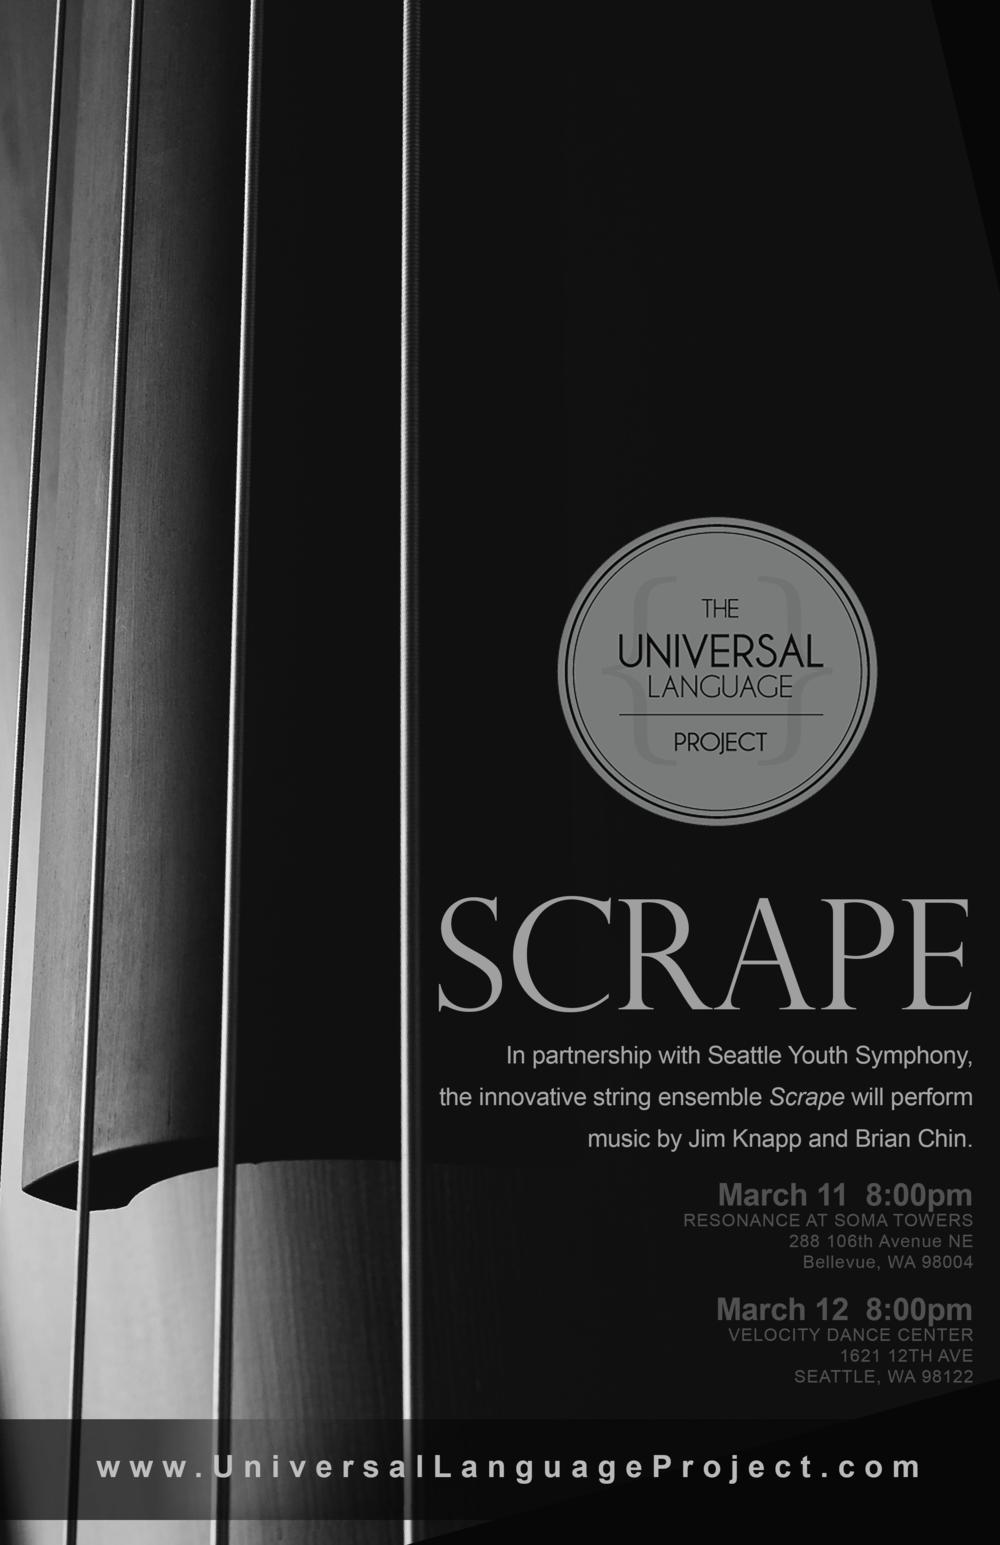 ScrapePoster2016.png